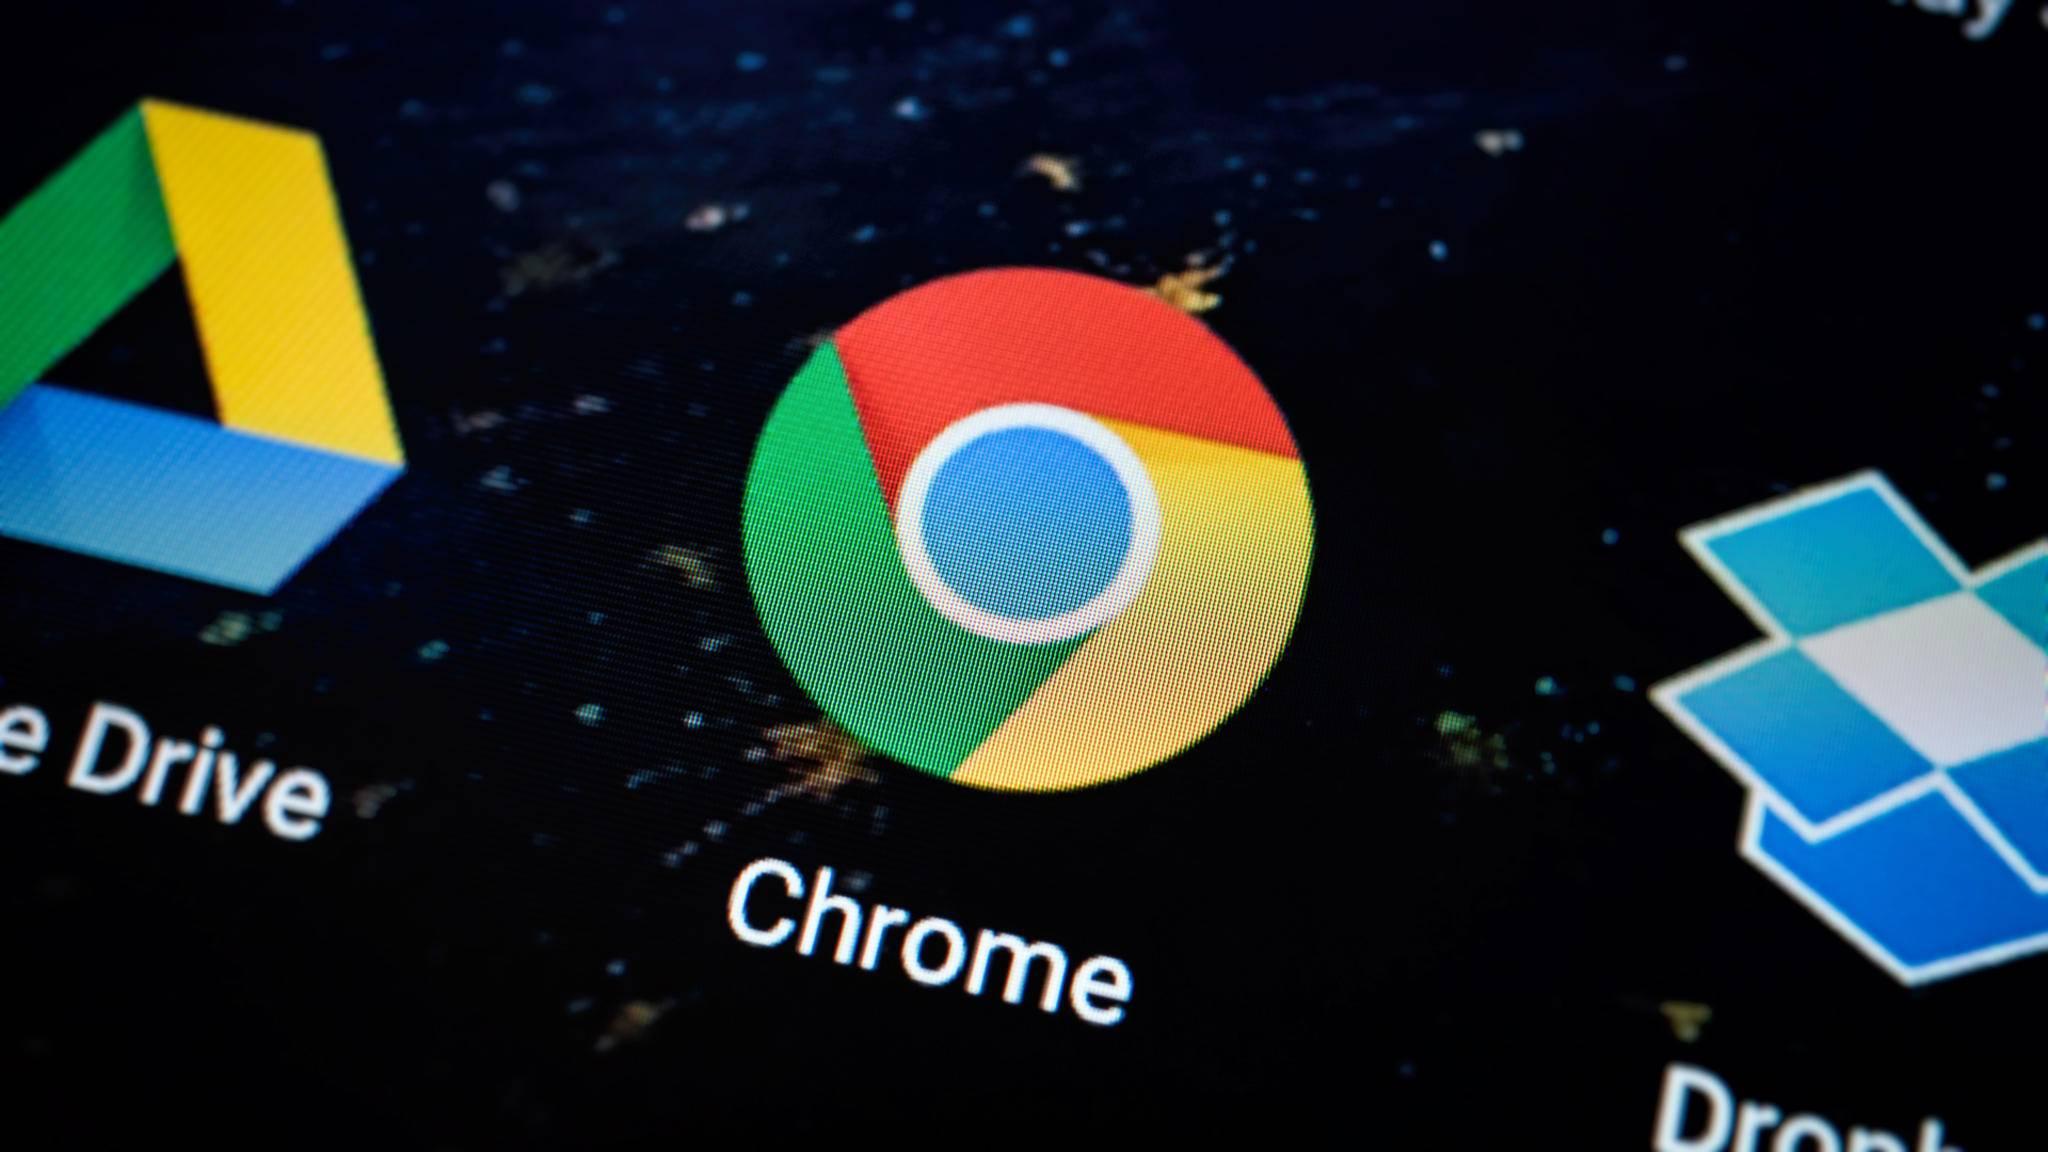 Wir zeigen Dir, wie Du nervige Chrome-Benachrichtigungen los wirst.